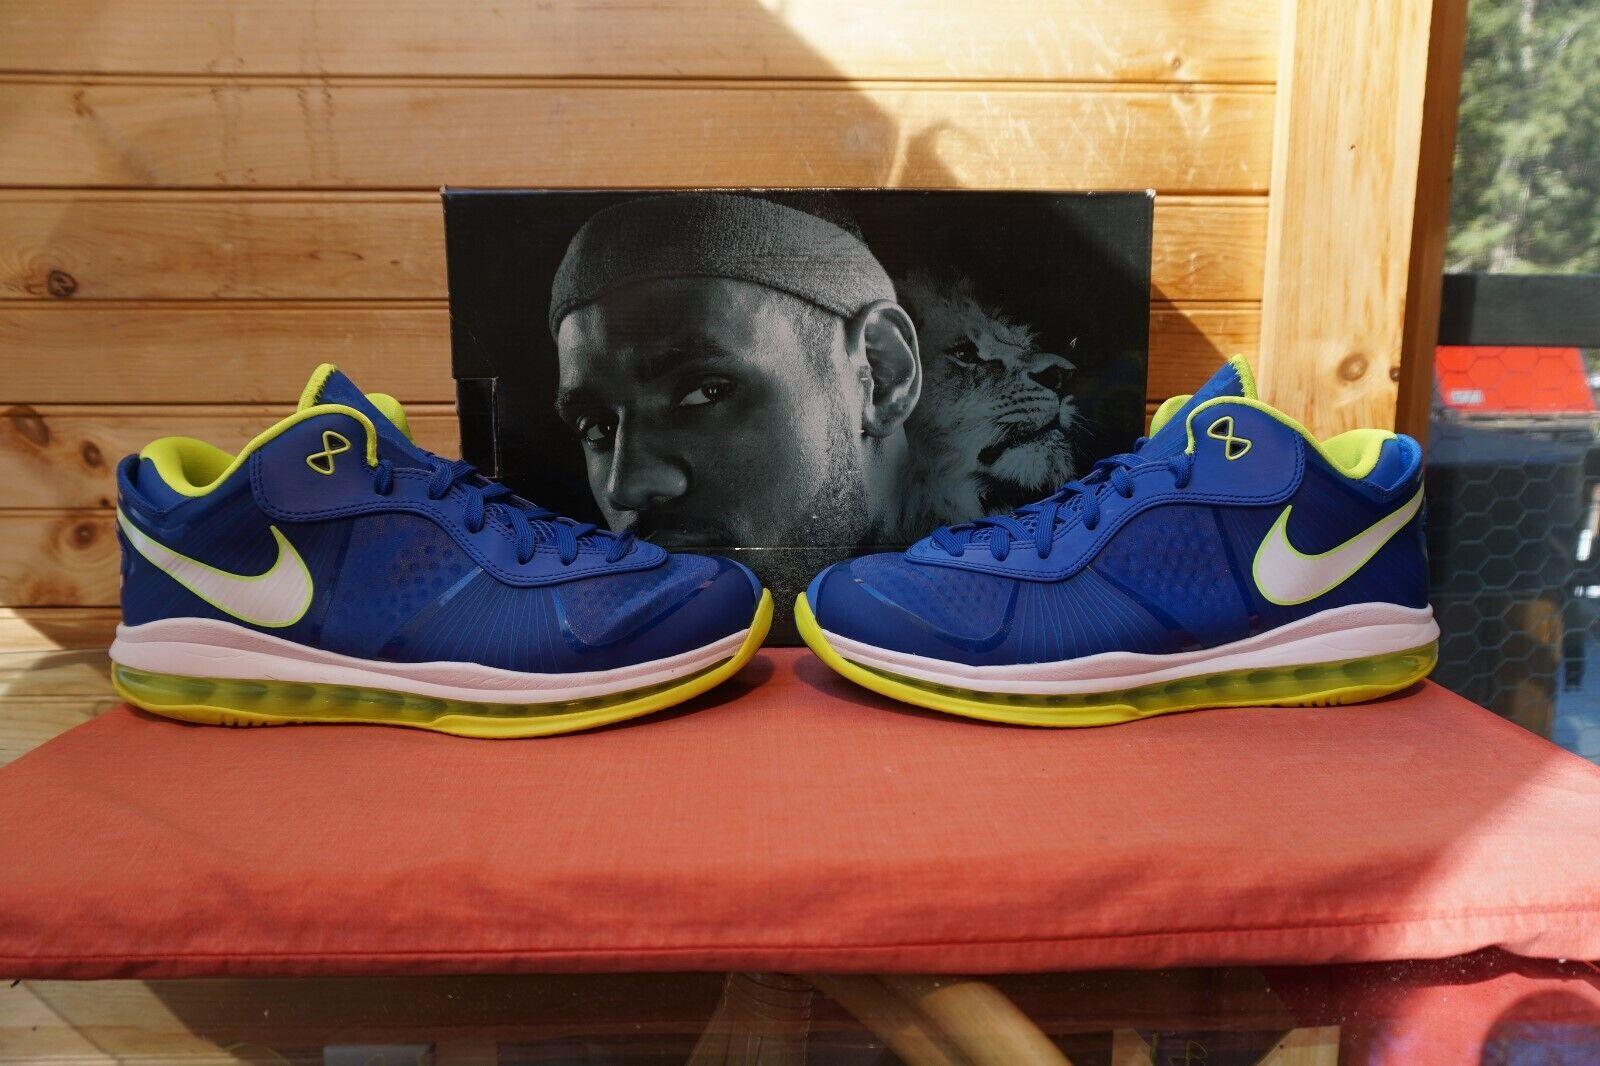 2011 Nike Lebron 8 V 2 Low  Sprite  Sz 10 (1247) 456849-401